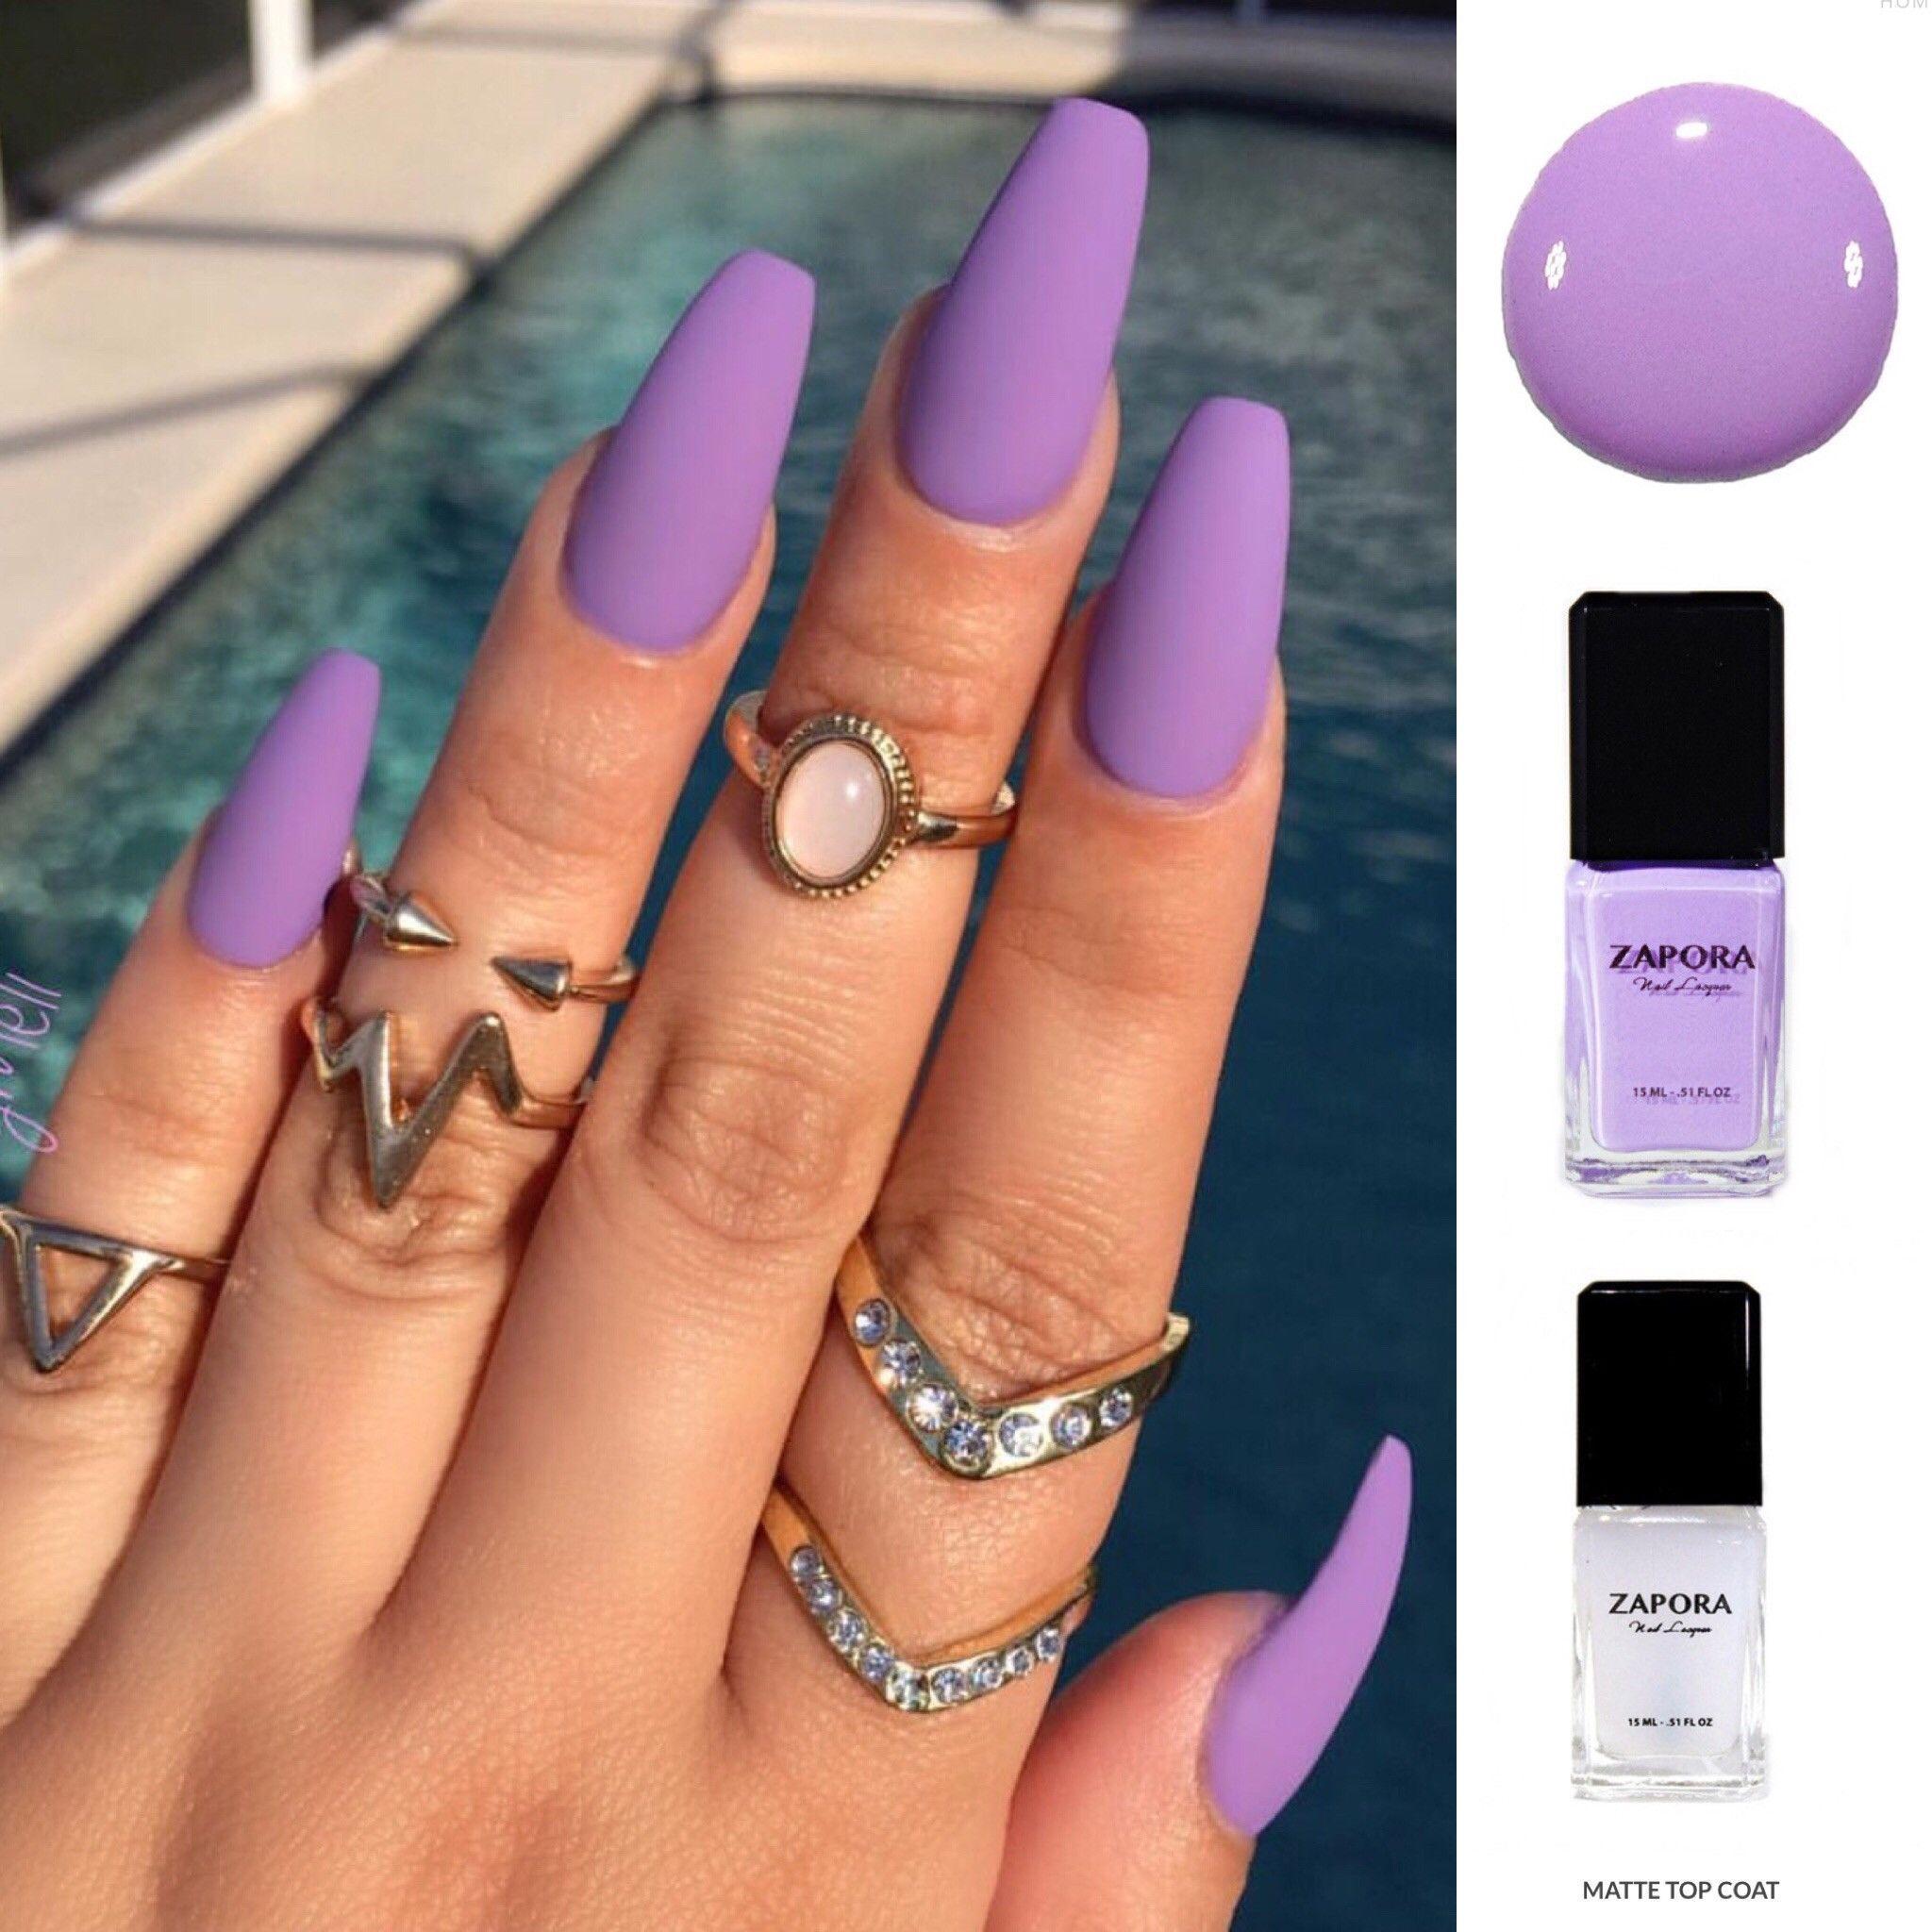 UNICORN – ZAPORA Nail Lacquer - Nails | Pinterest - Nagel